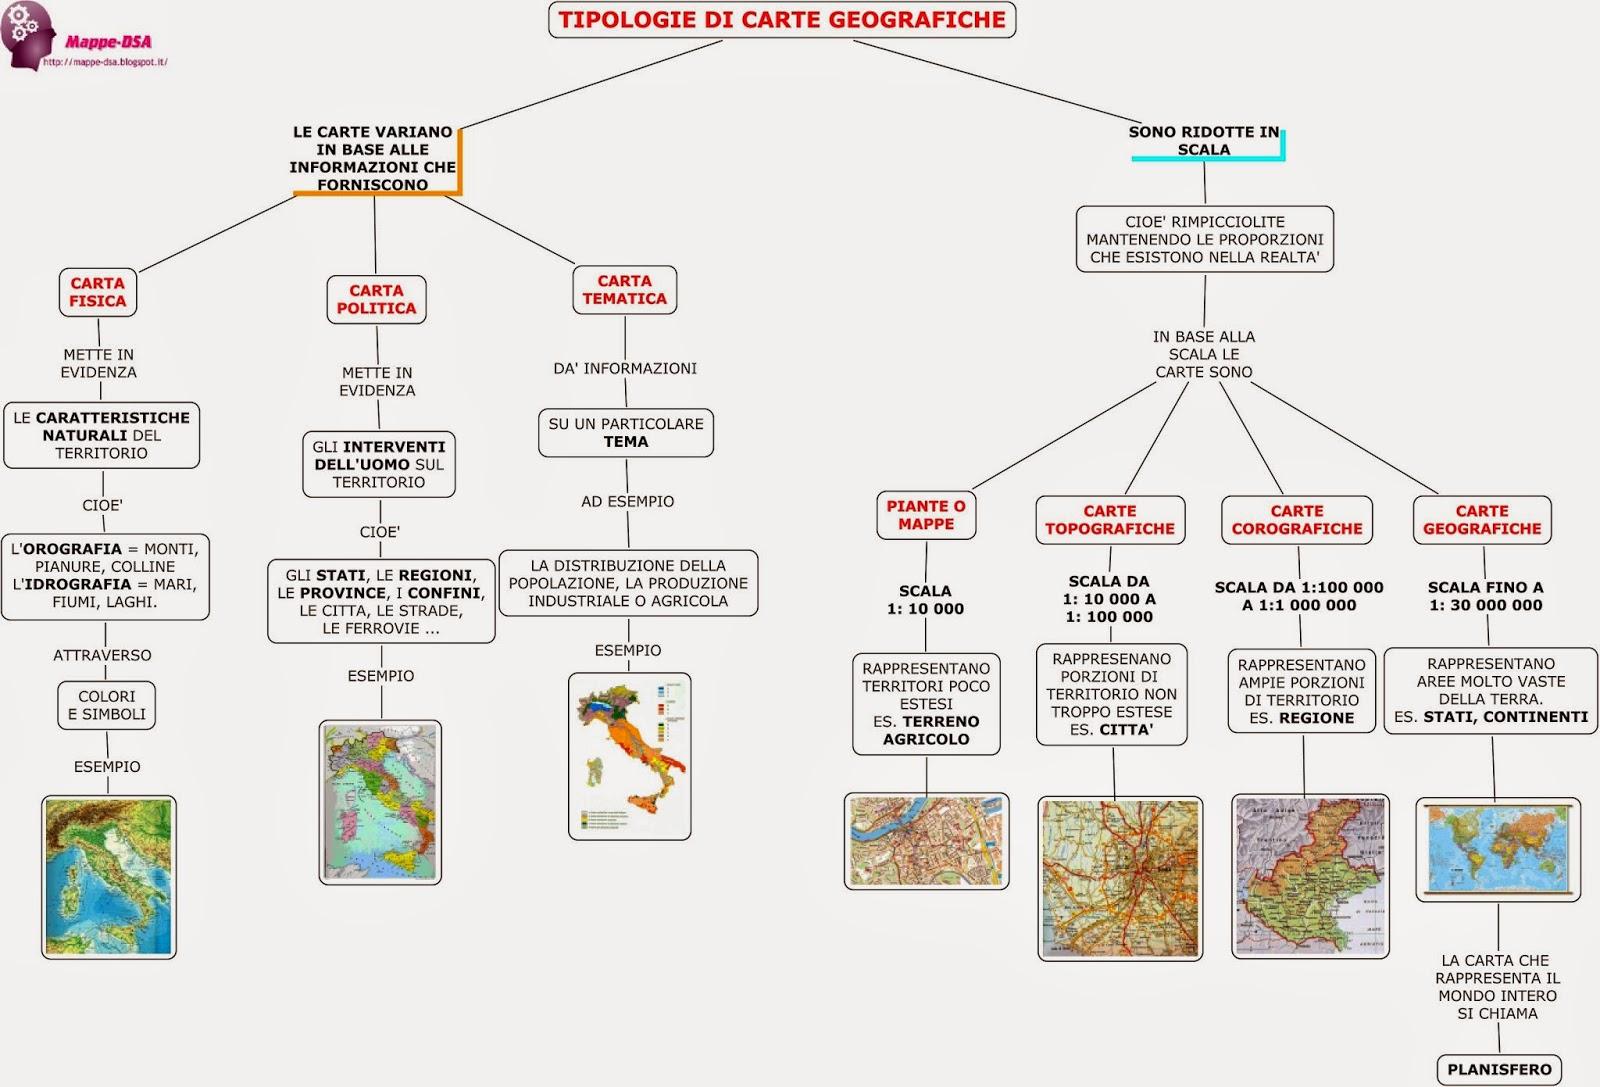 mappa schema dsa geografia carte geografiche fisica politica mappa topografica corografica